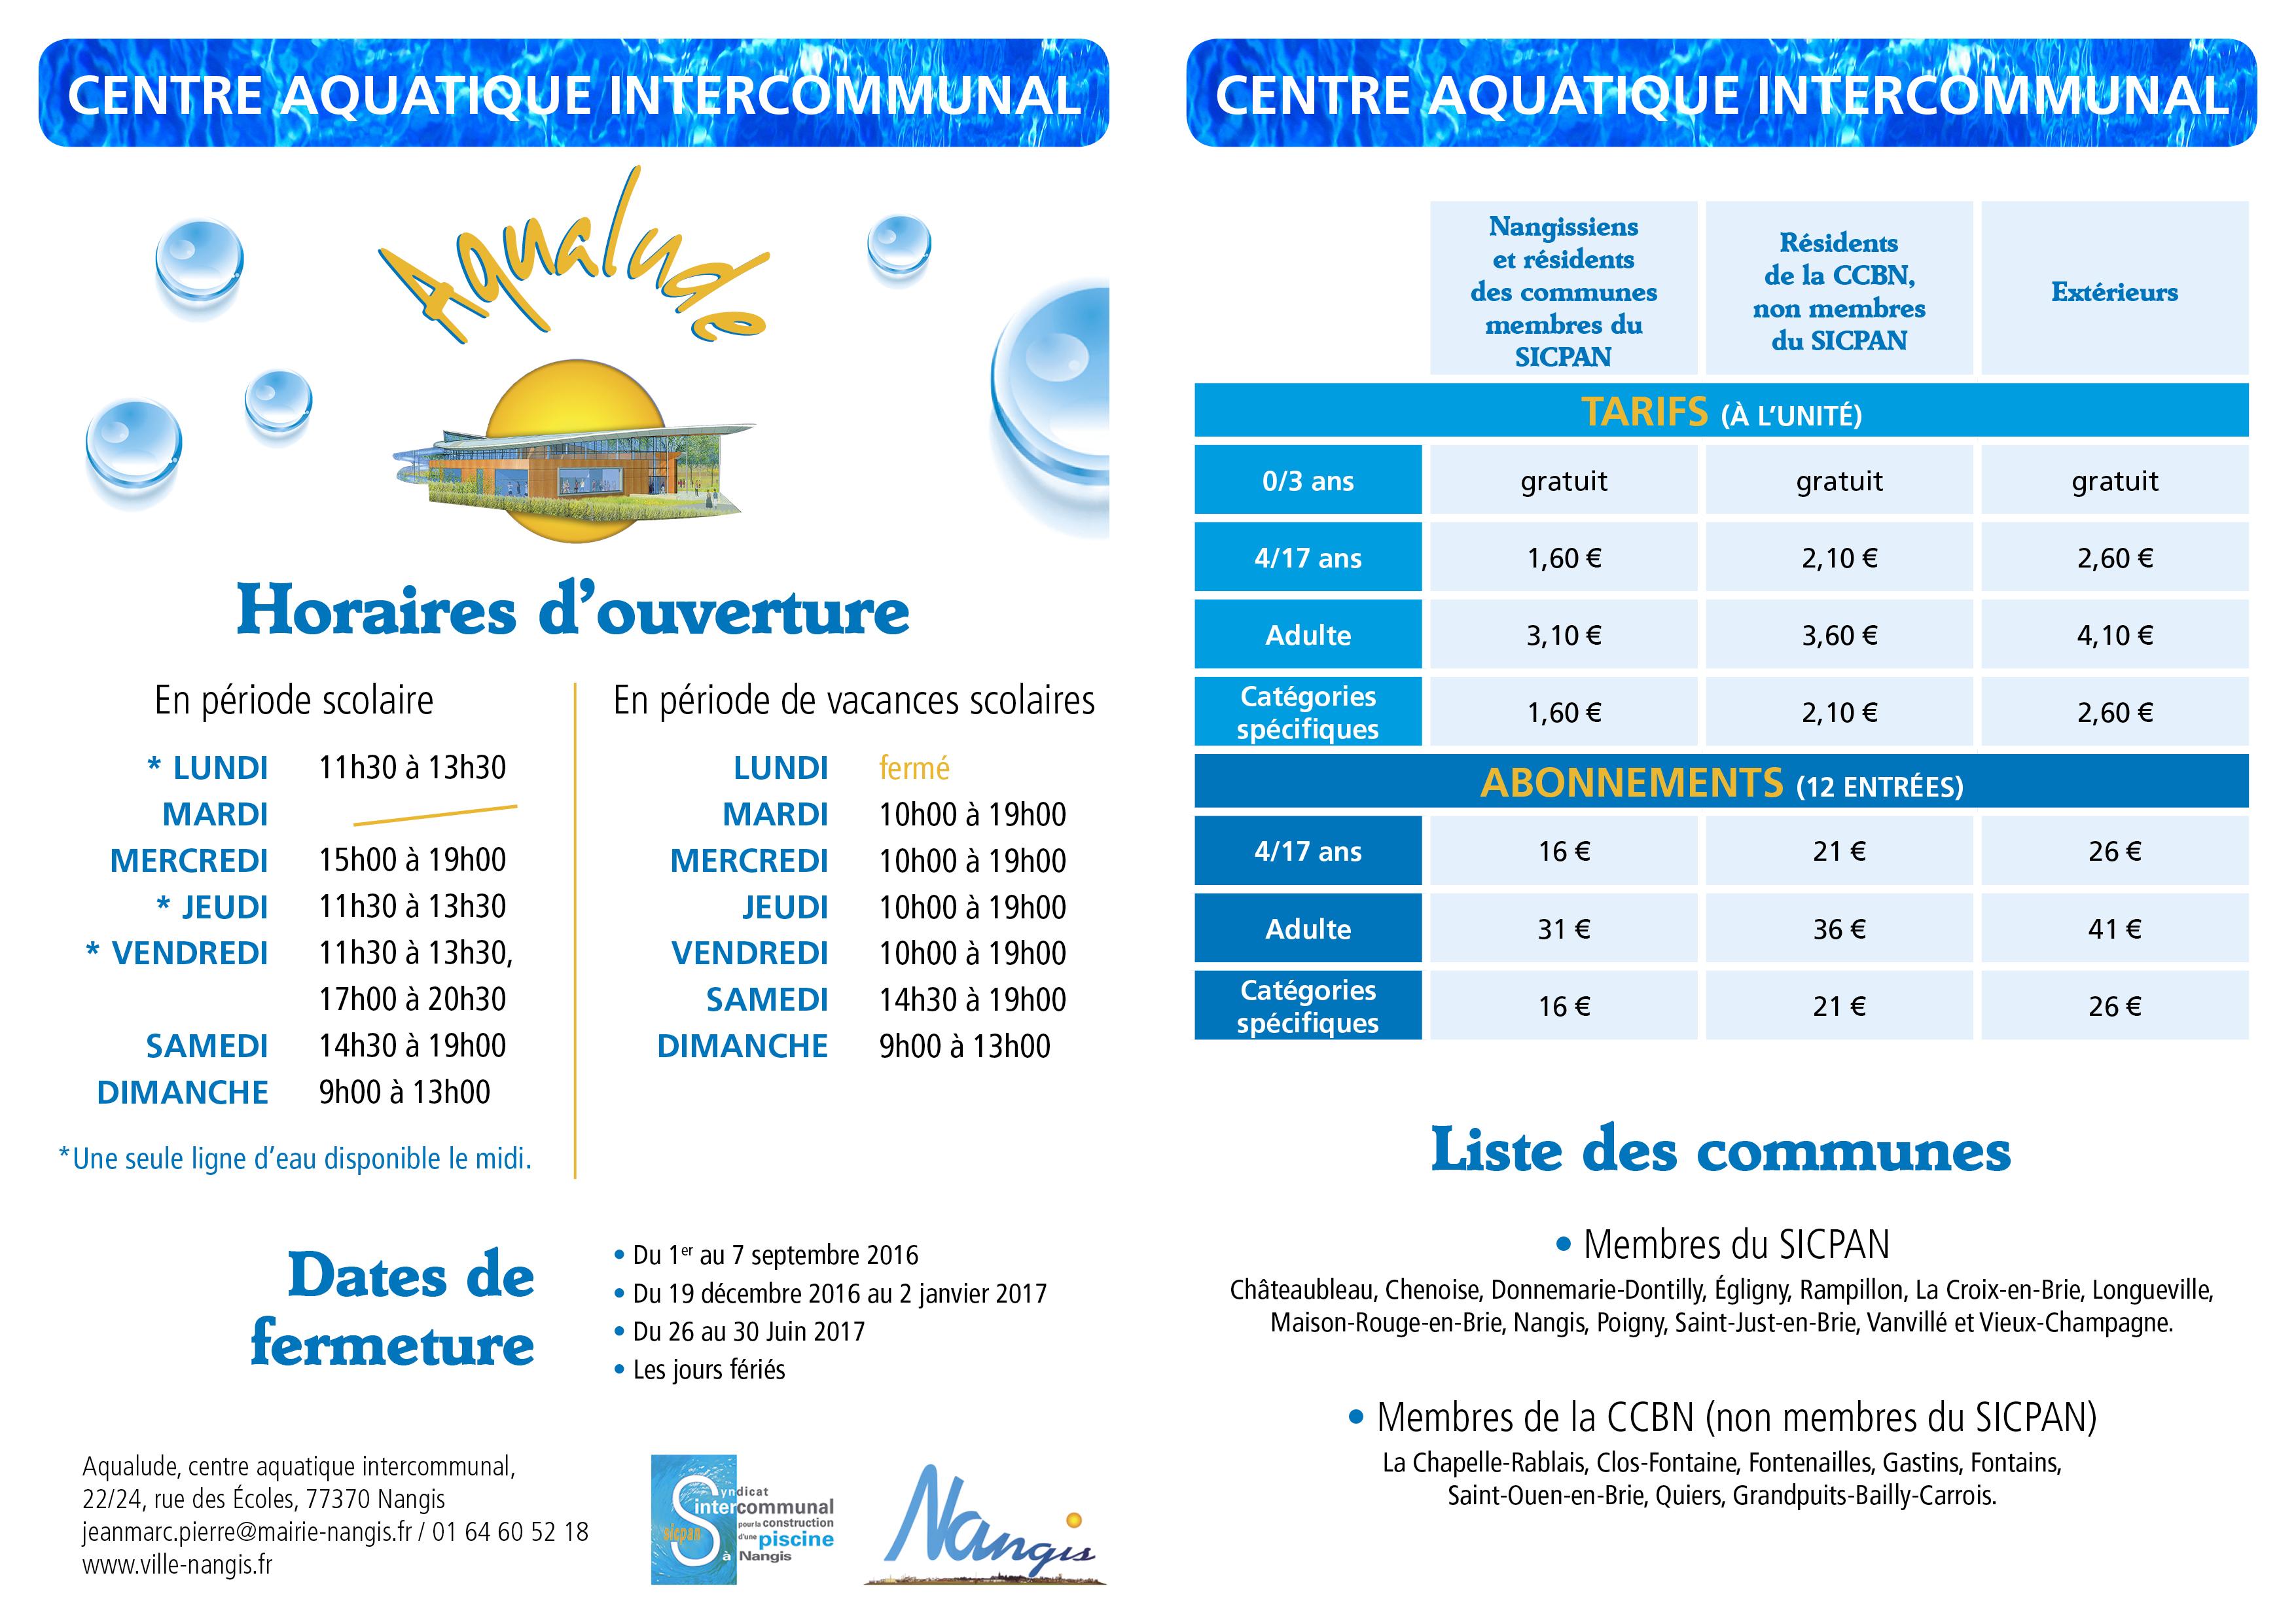 Centre aquatique aqualude nangis espace aquatique for Piscine de nangis